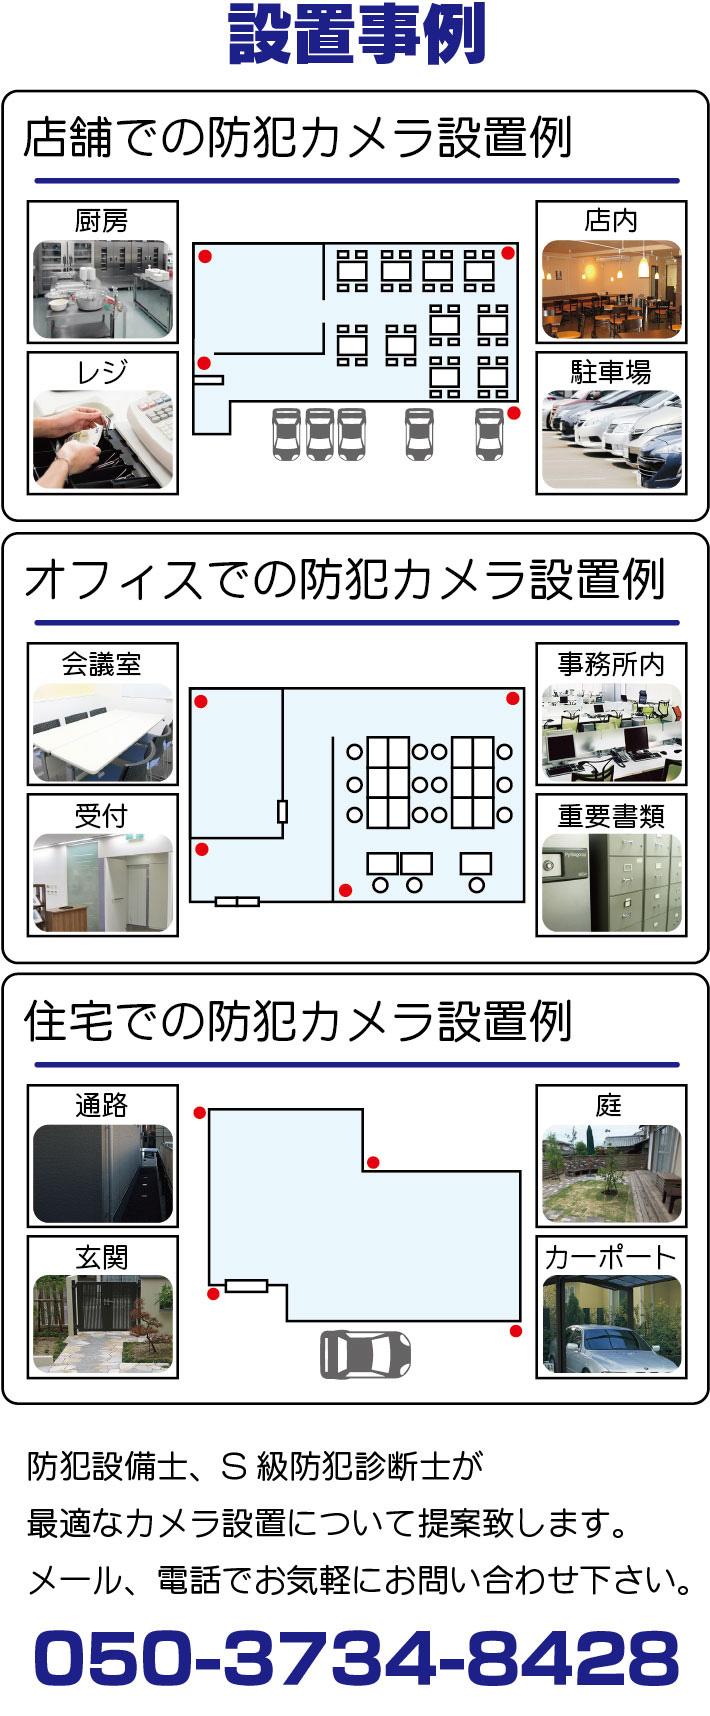 防犯カメラ設置事例